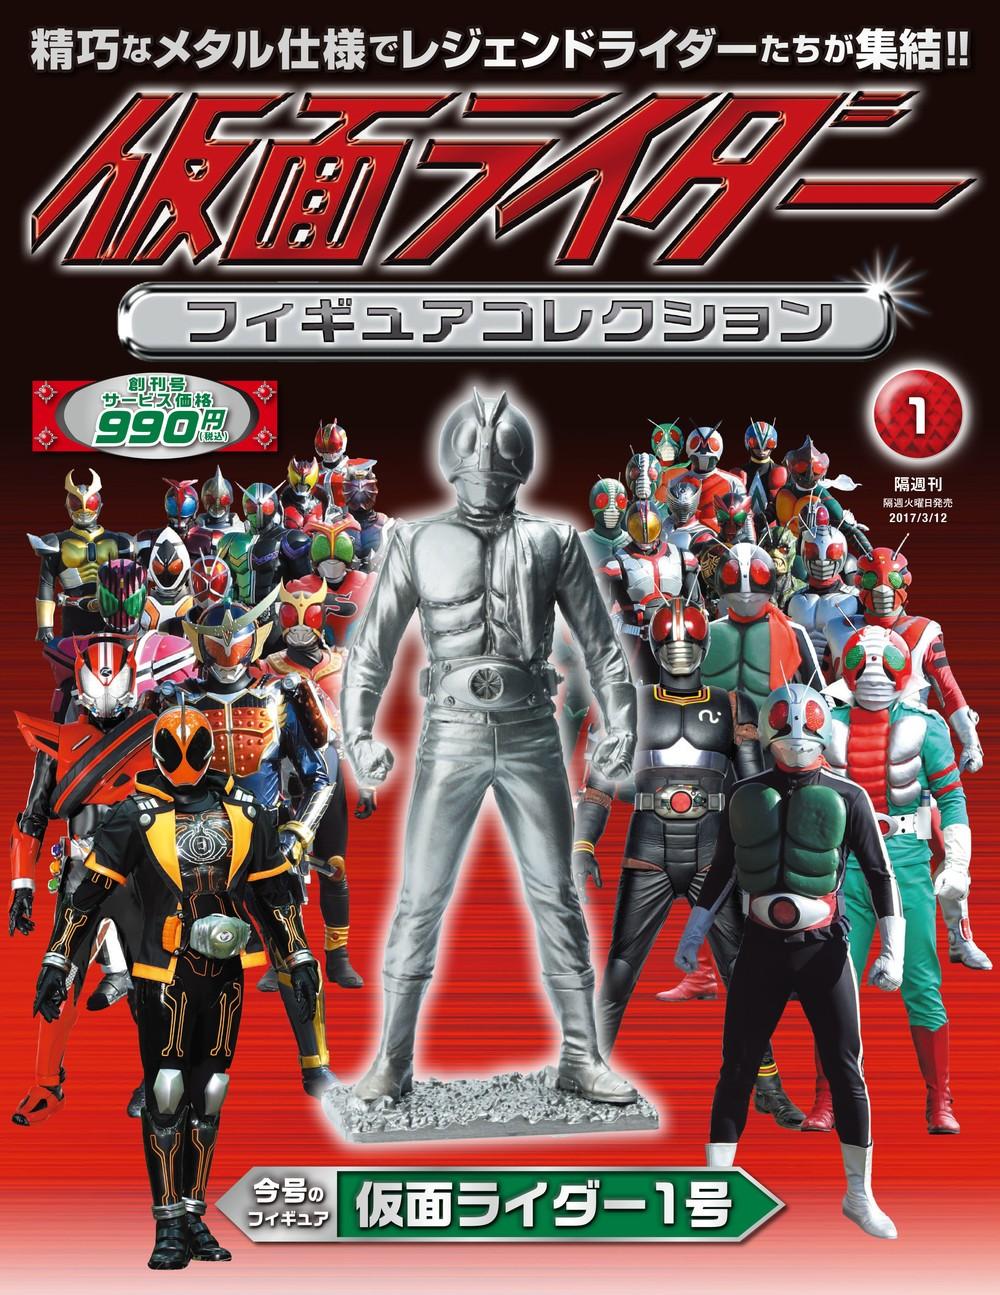 仮面ライダー「フィギュア」付き雑誌、2月28日創刊 初回ゲストは藤岡弘、